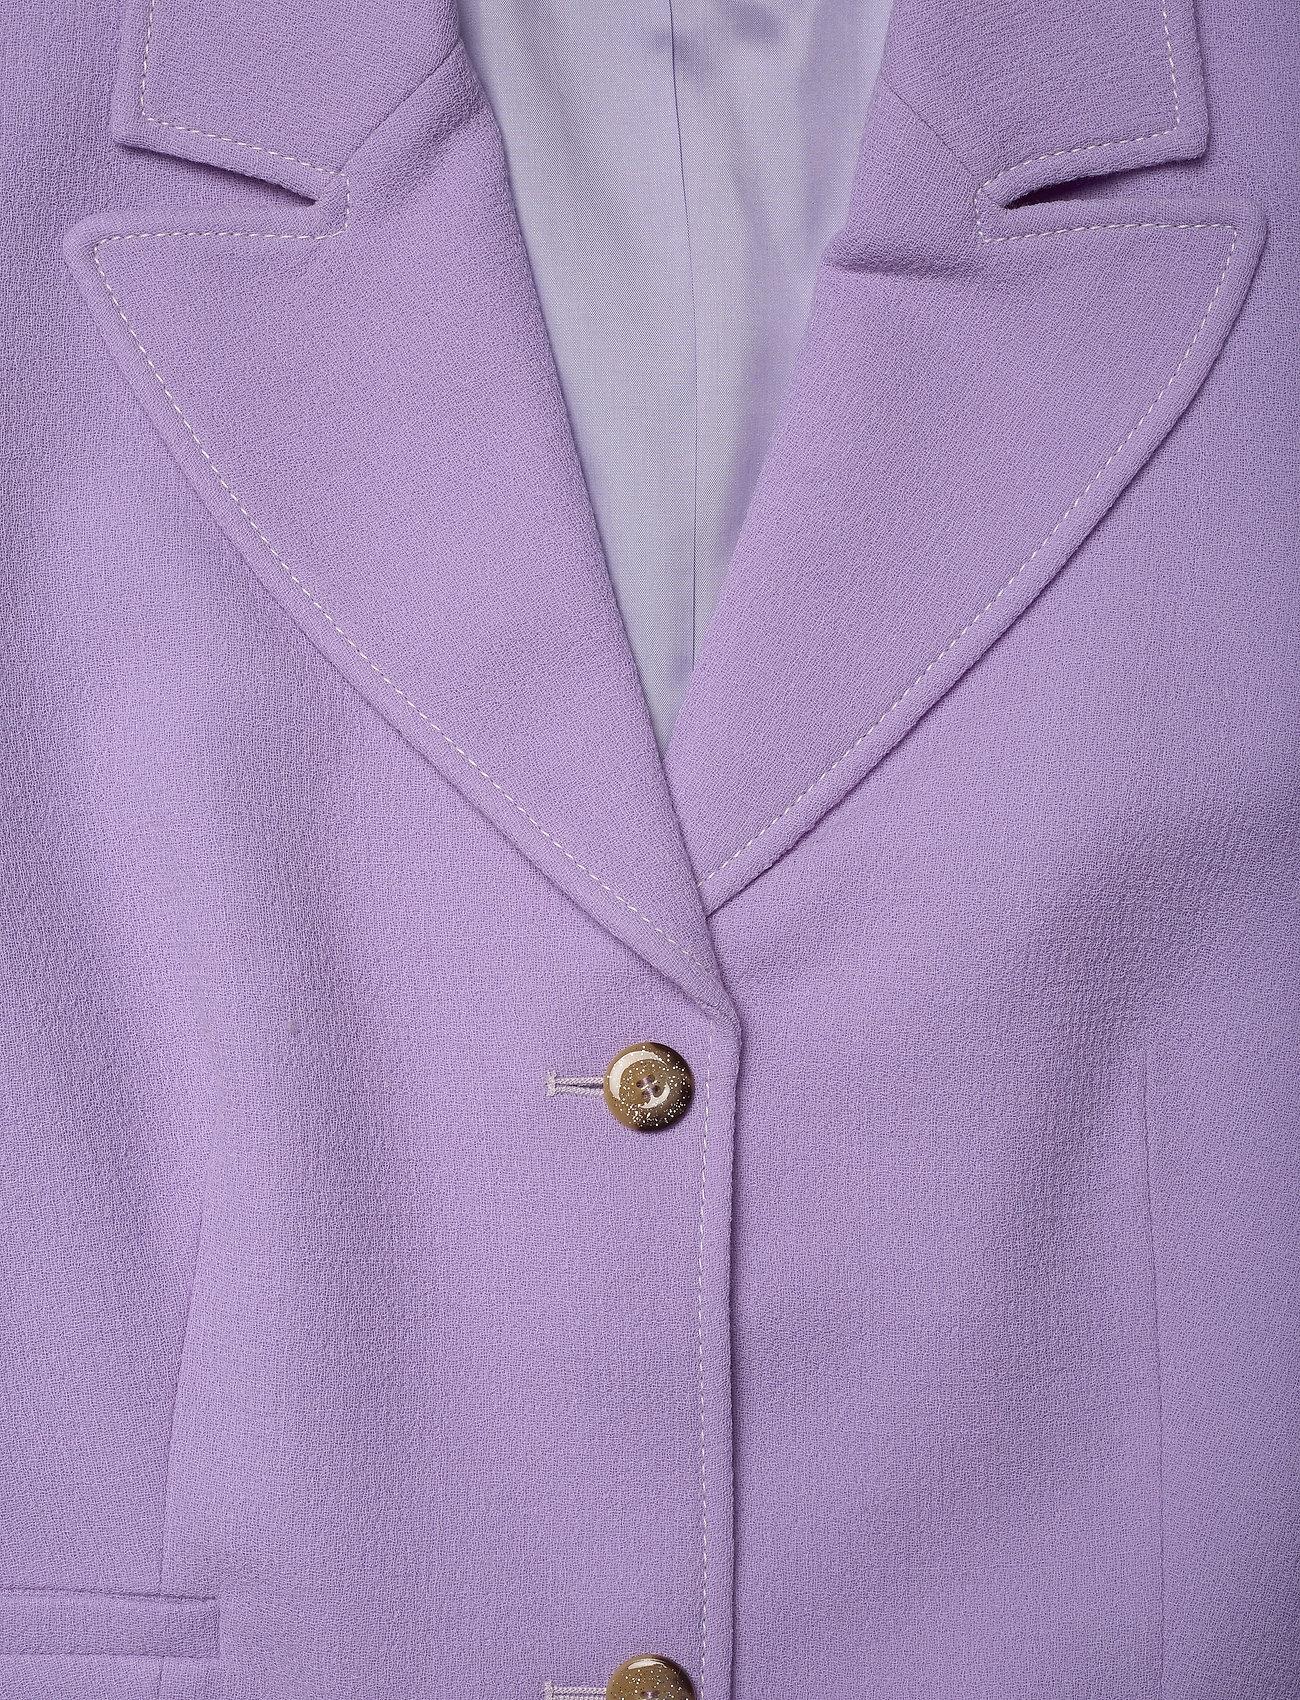 STINE GOYA - Grace, 1113 Iris Tailoring - vardagskavajer - lilac - 3